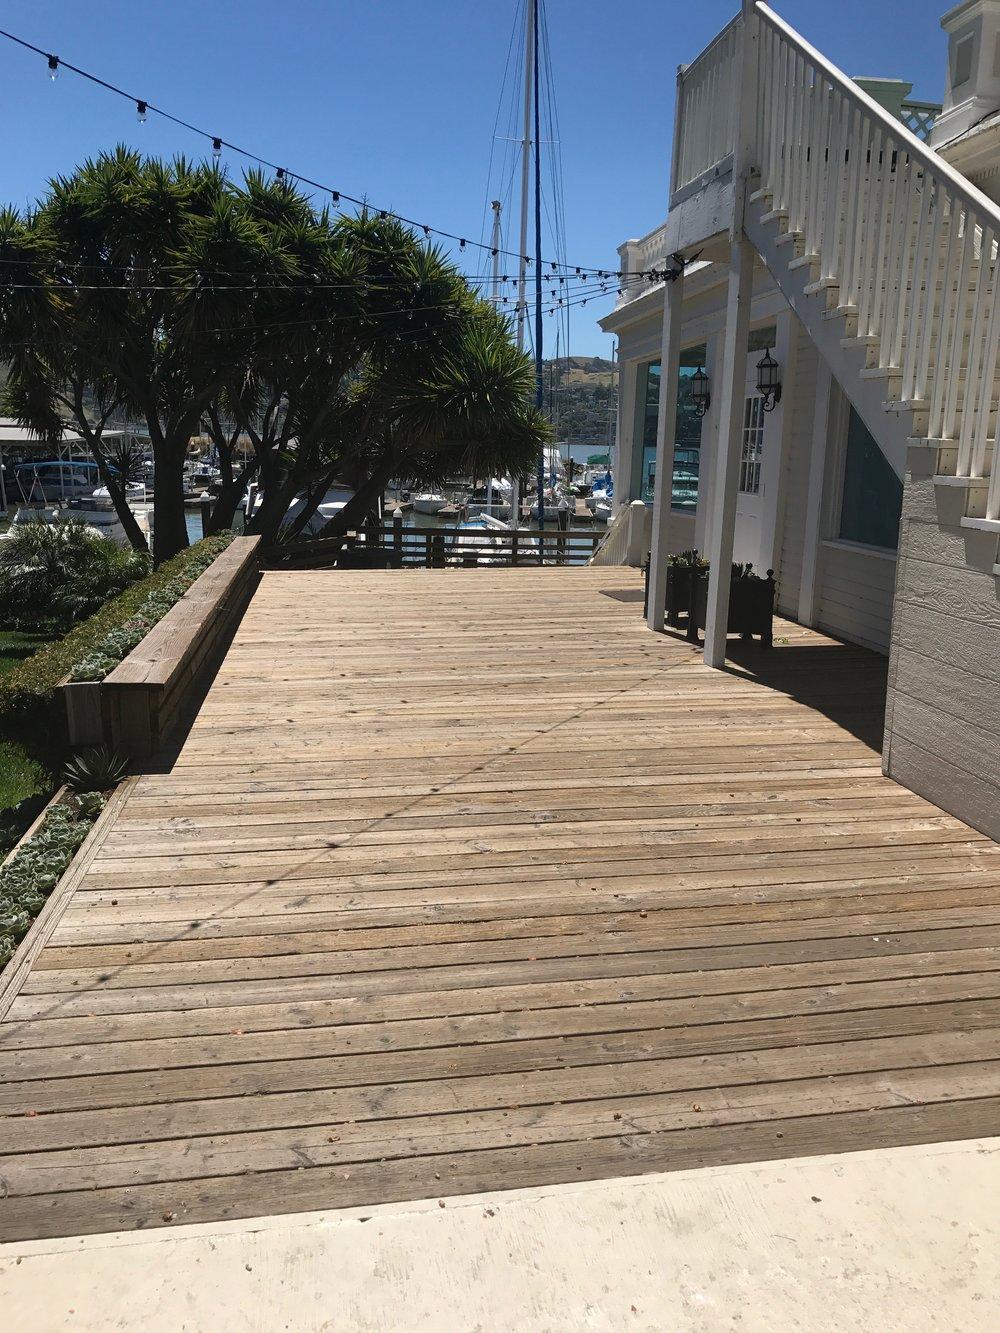 Glen_Cove_Marina_Deck.jpg